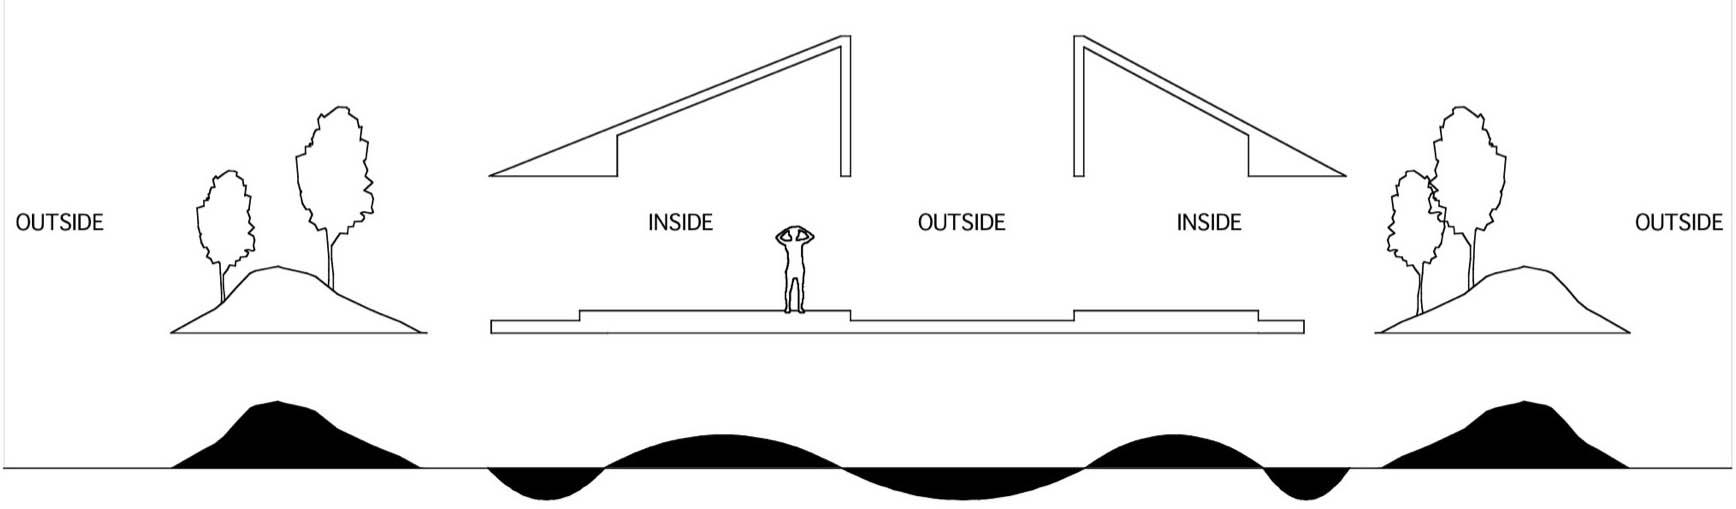 แบบตัวอย่างบ้านชั้นเดียว แปลนบ้าน